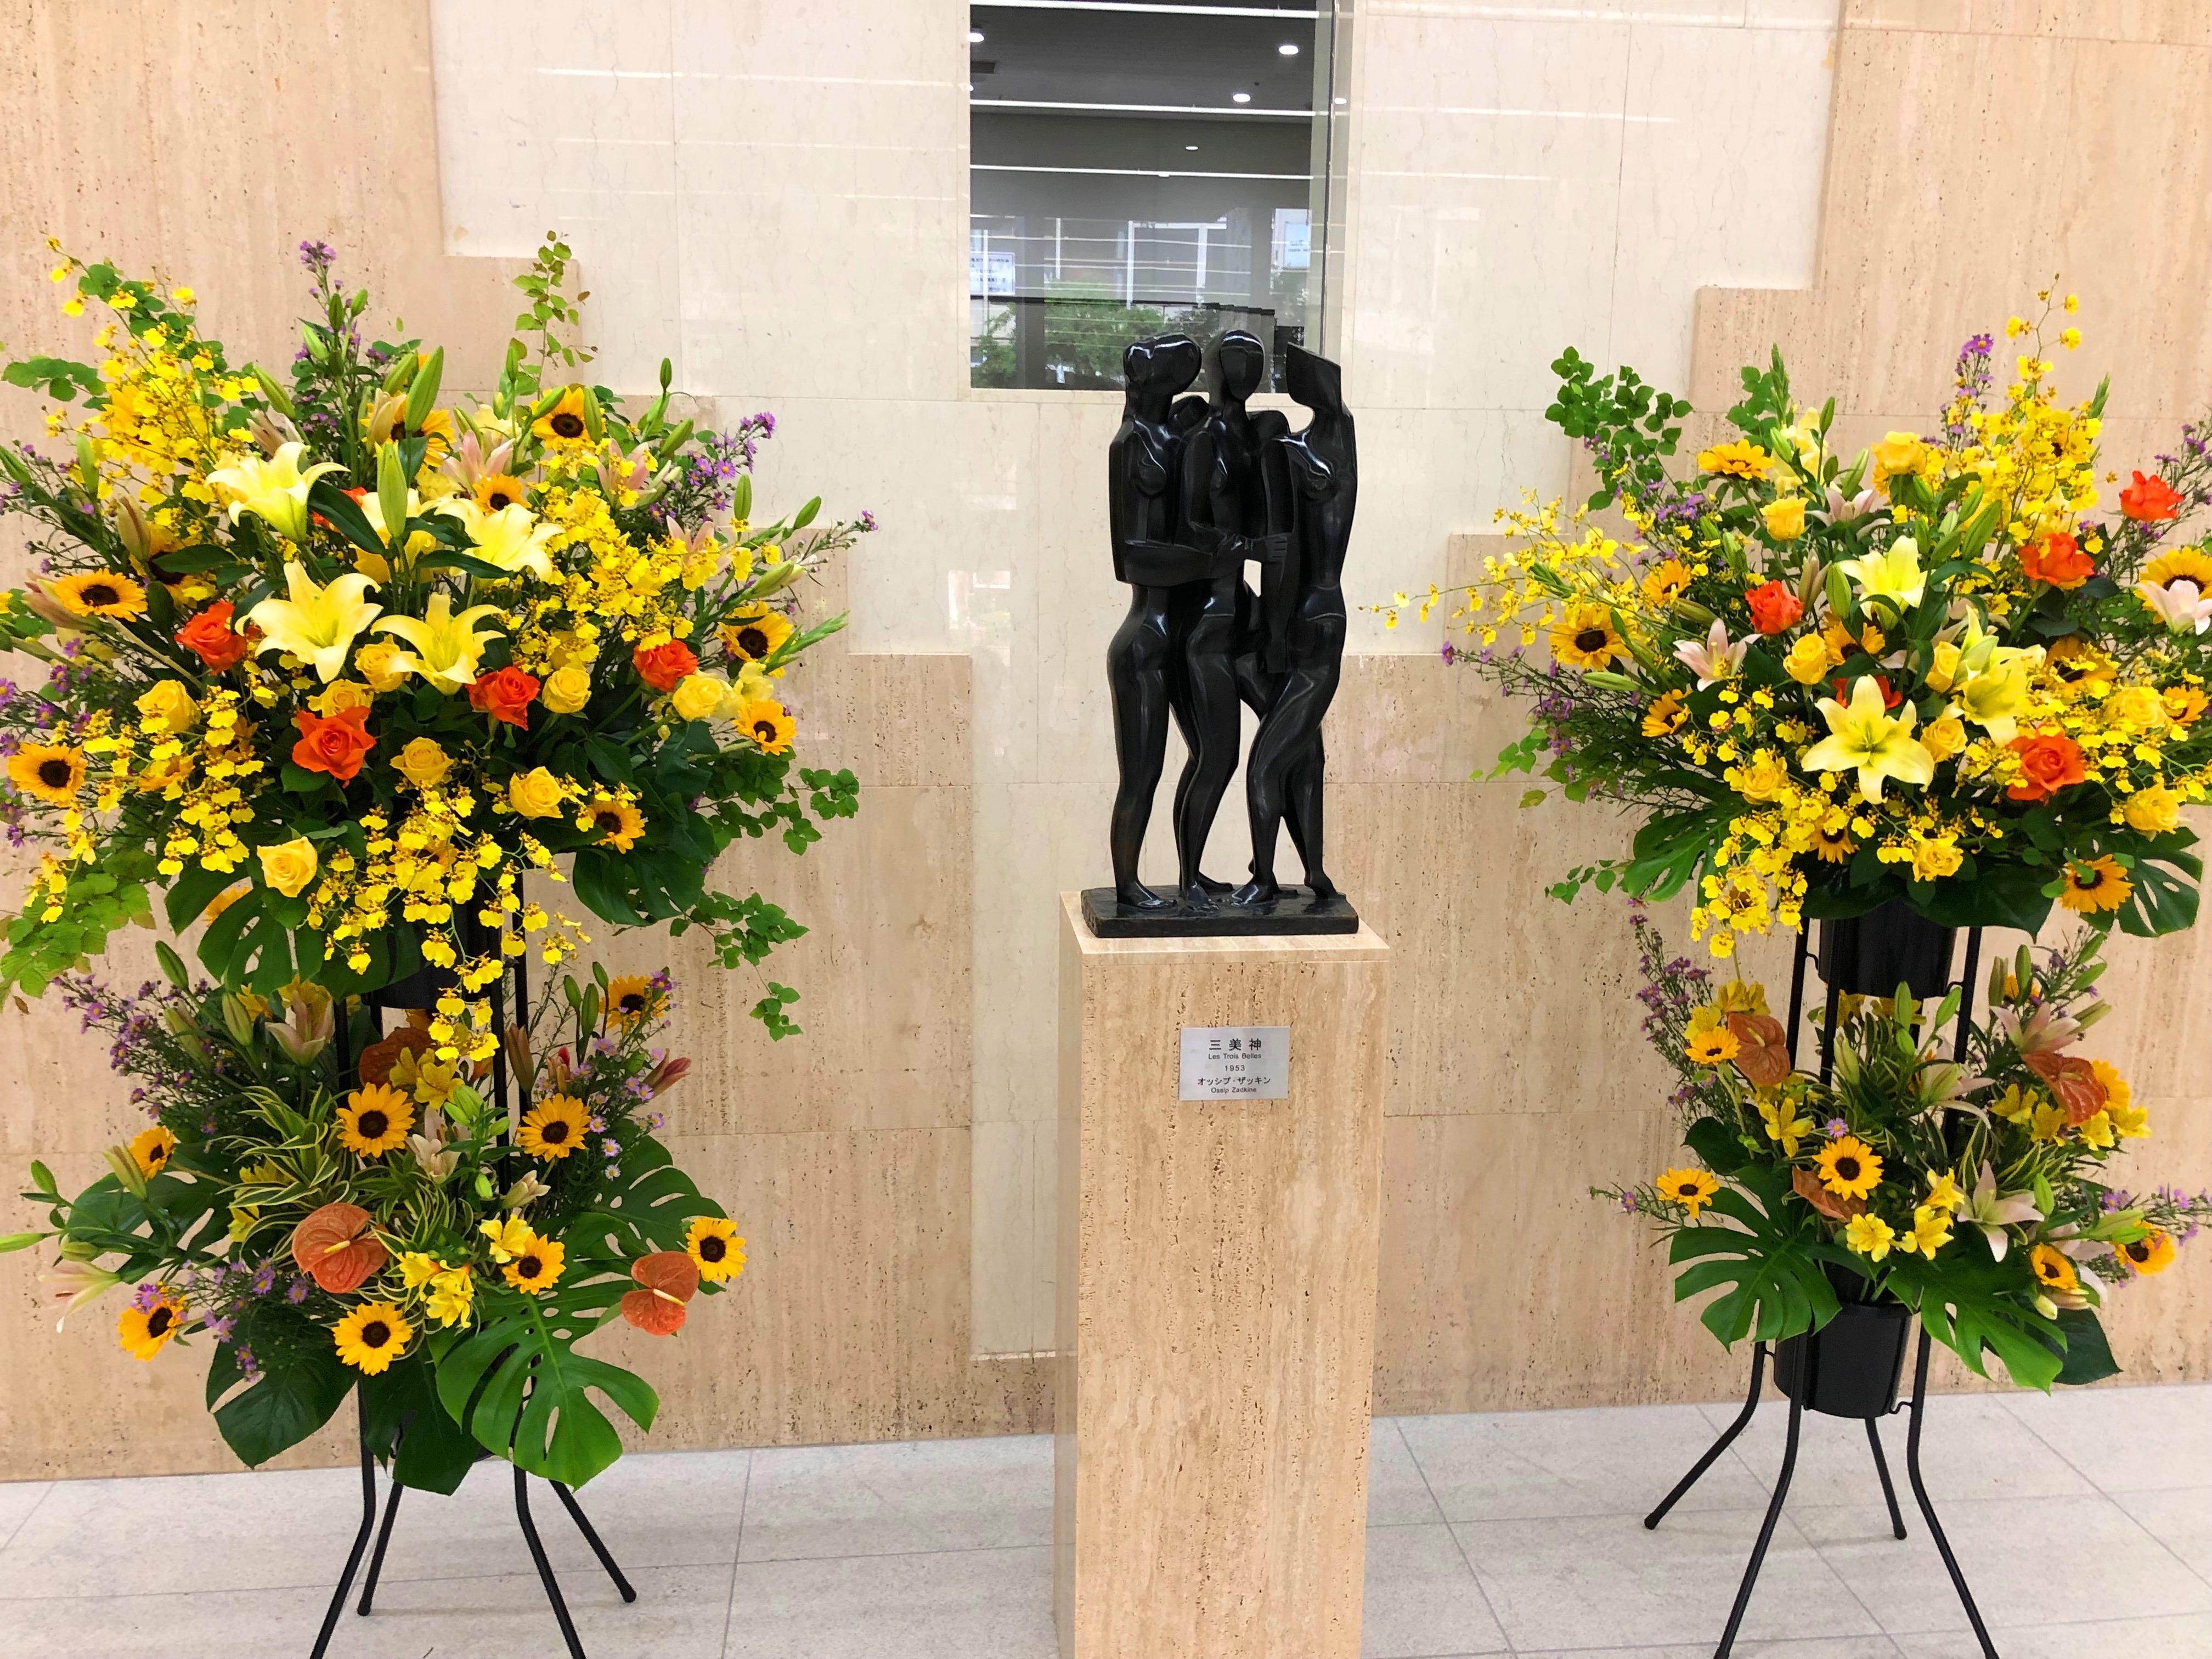 横浜市関内ホールへスタンド花を即日当日配達しました!【横浜花屋の花束・スタンド花・胡蝶蘭・バルーン・アレンジメント配達事例368】